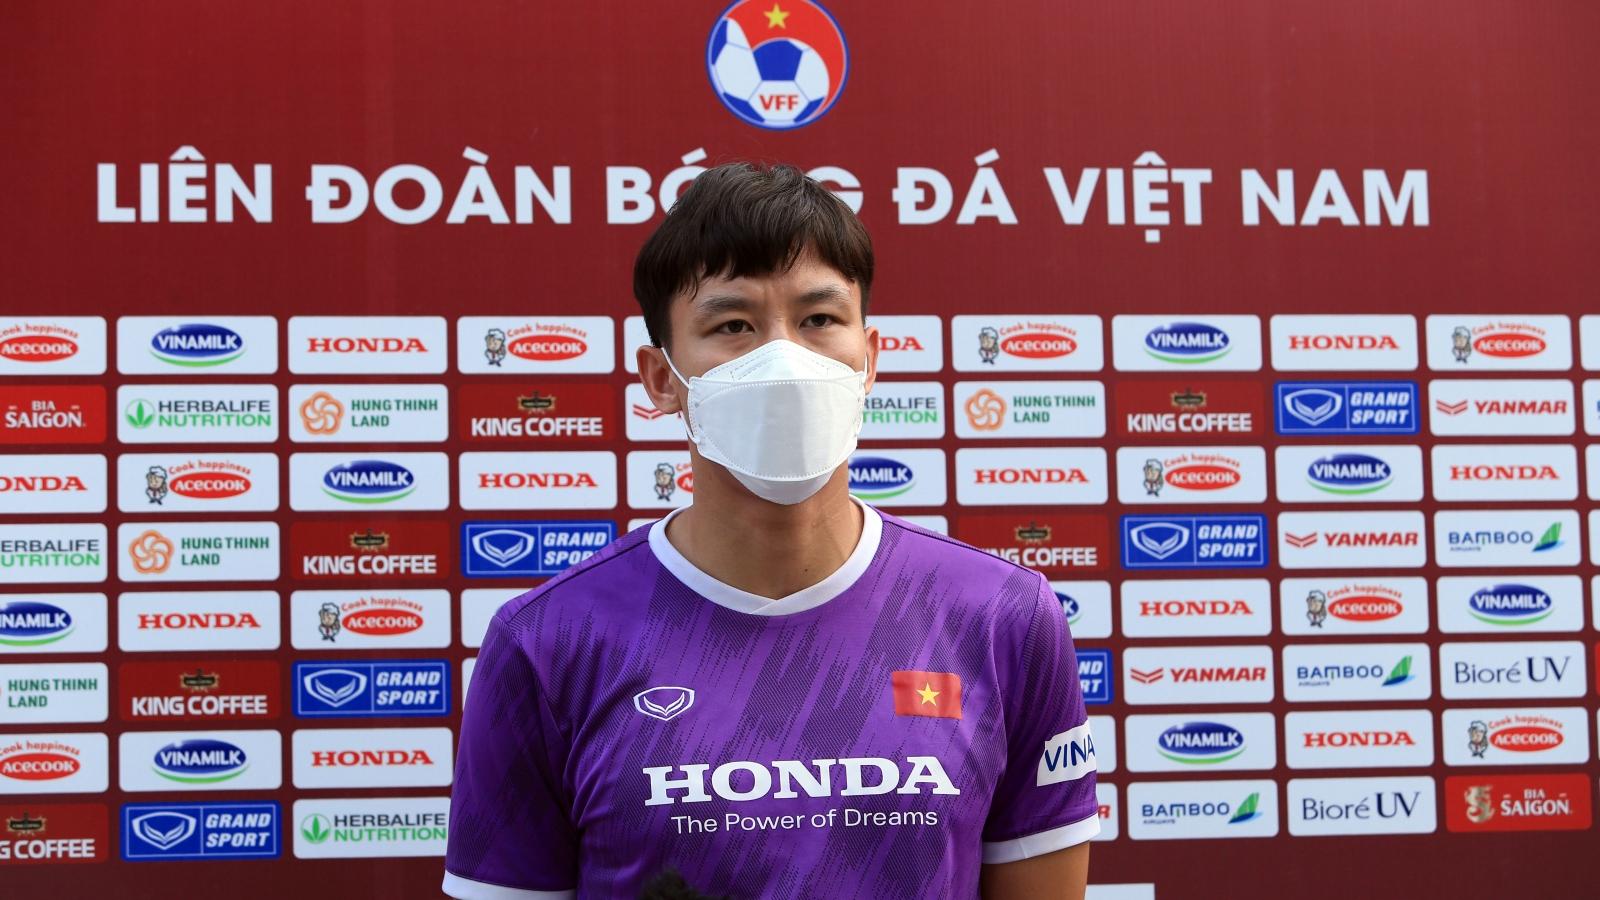 Quế Ngọc Hải kêu gọi người hâm mộ bóng đá Việt Nam chung tay chống dịch Covid-19